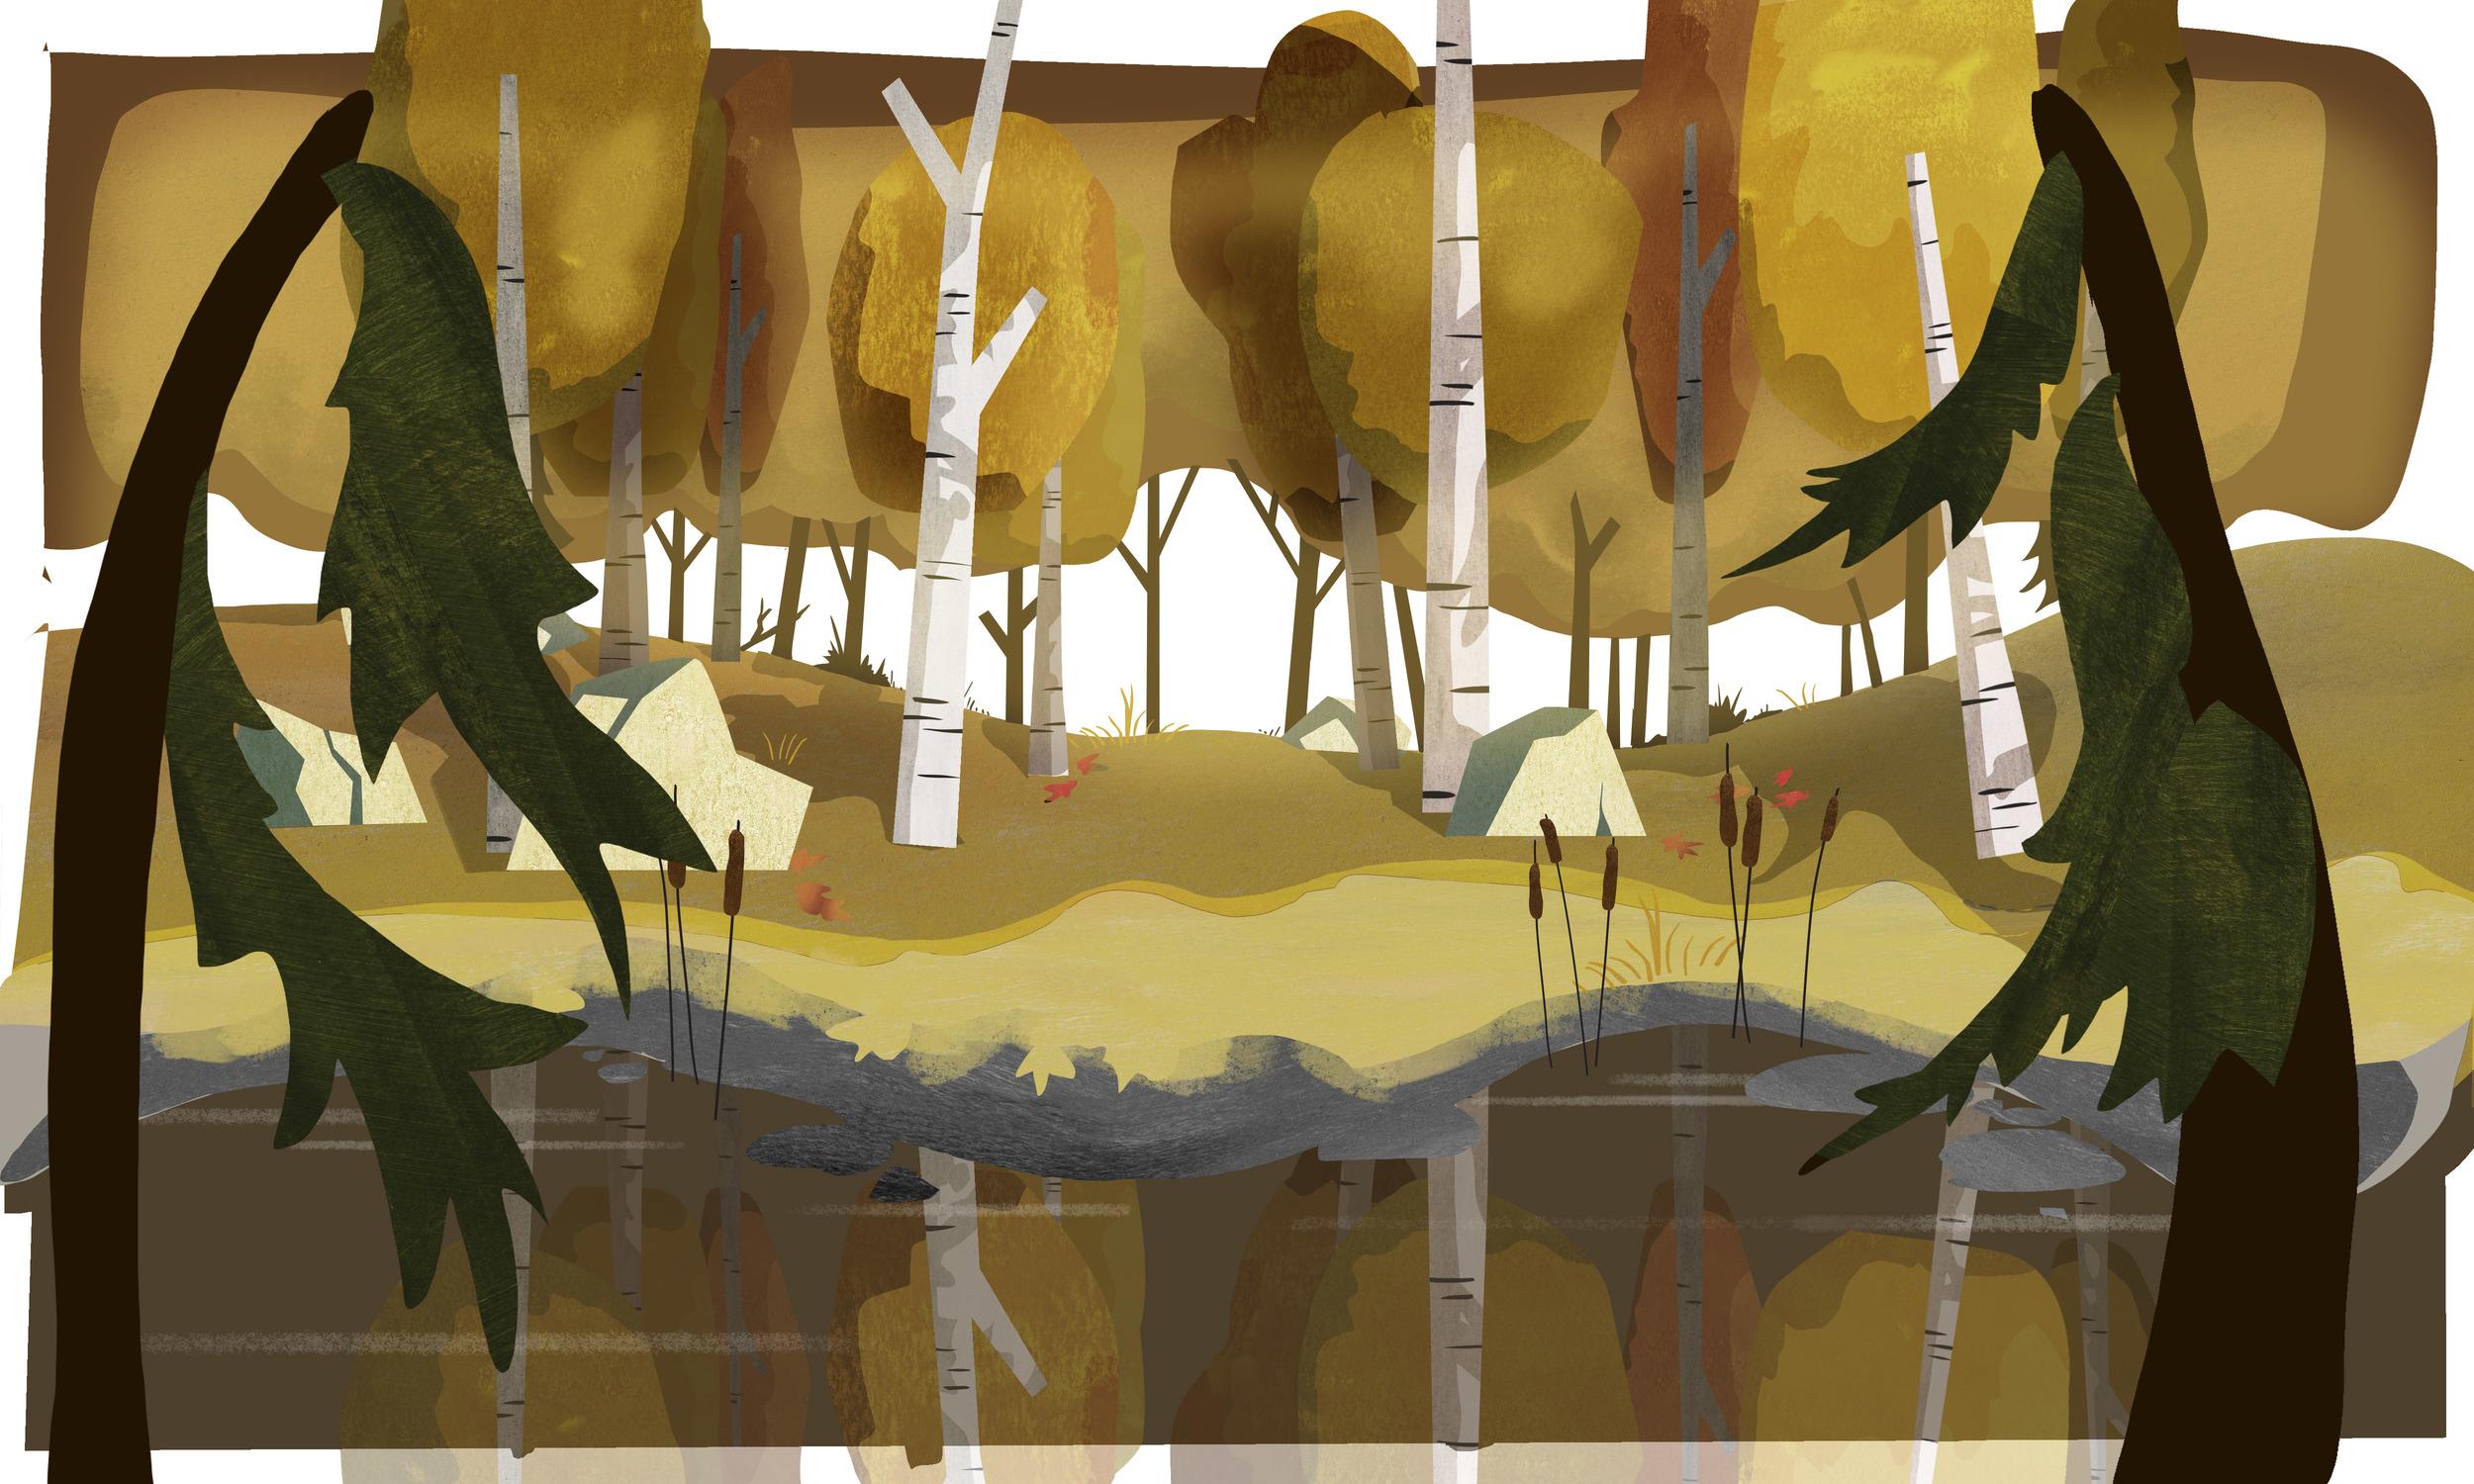 Fall_Sc03_moose_shore_layout.jpg